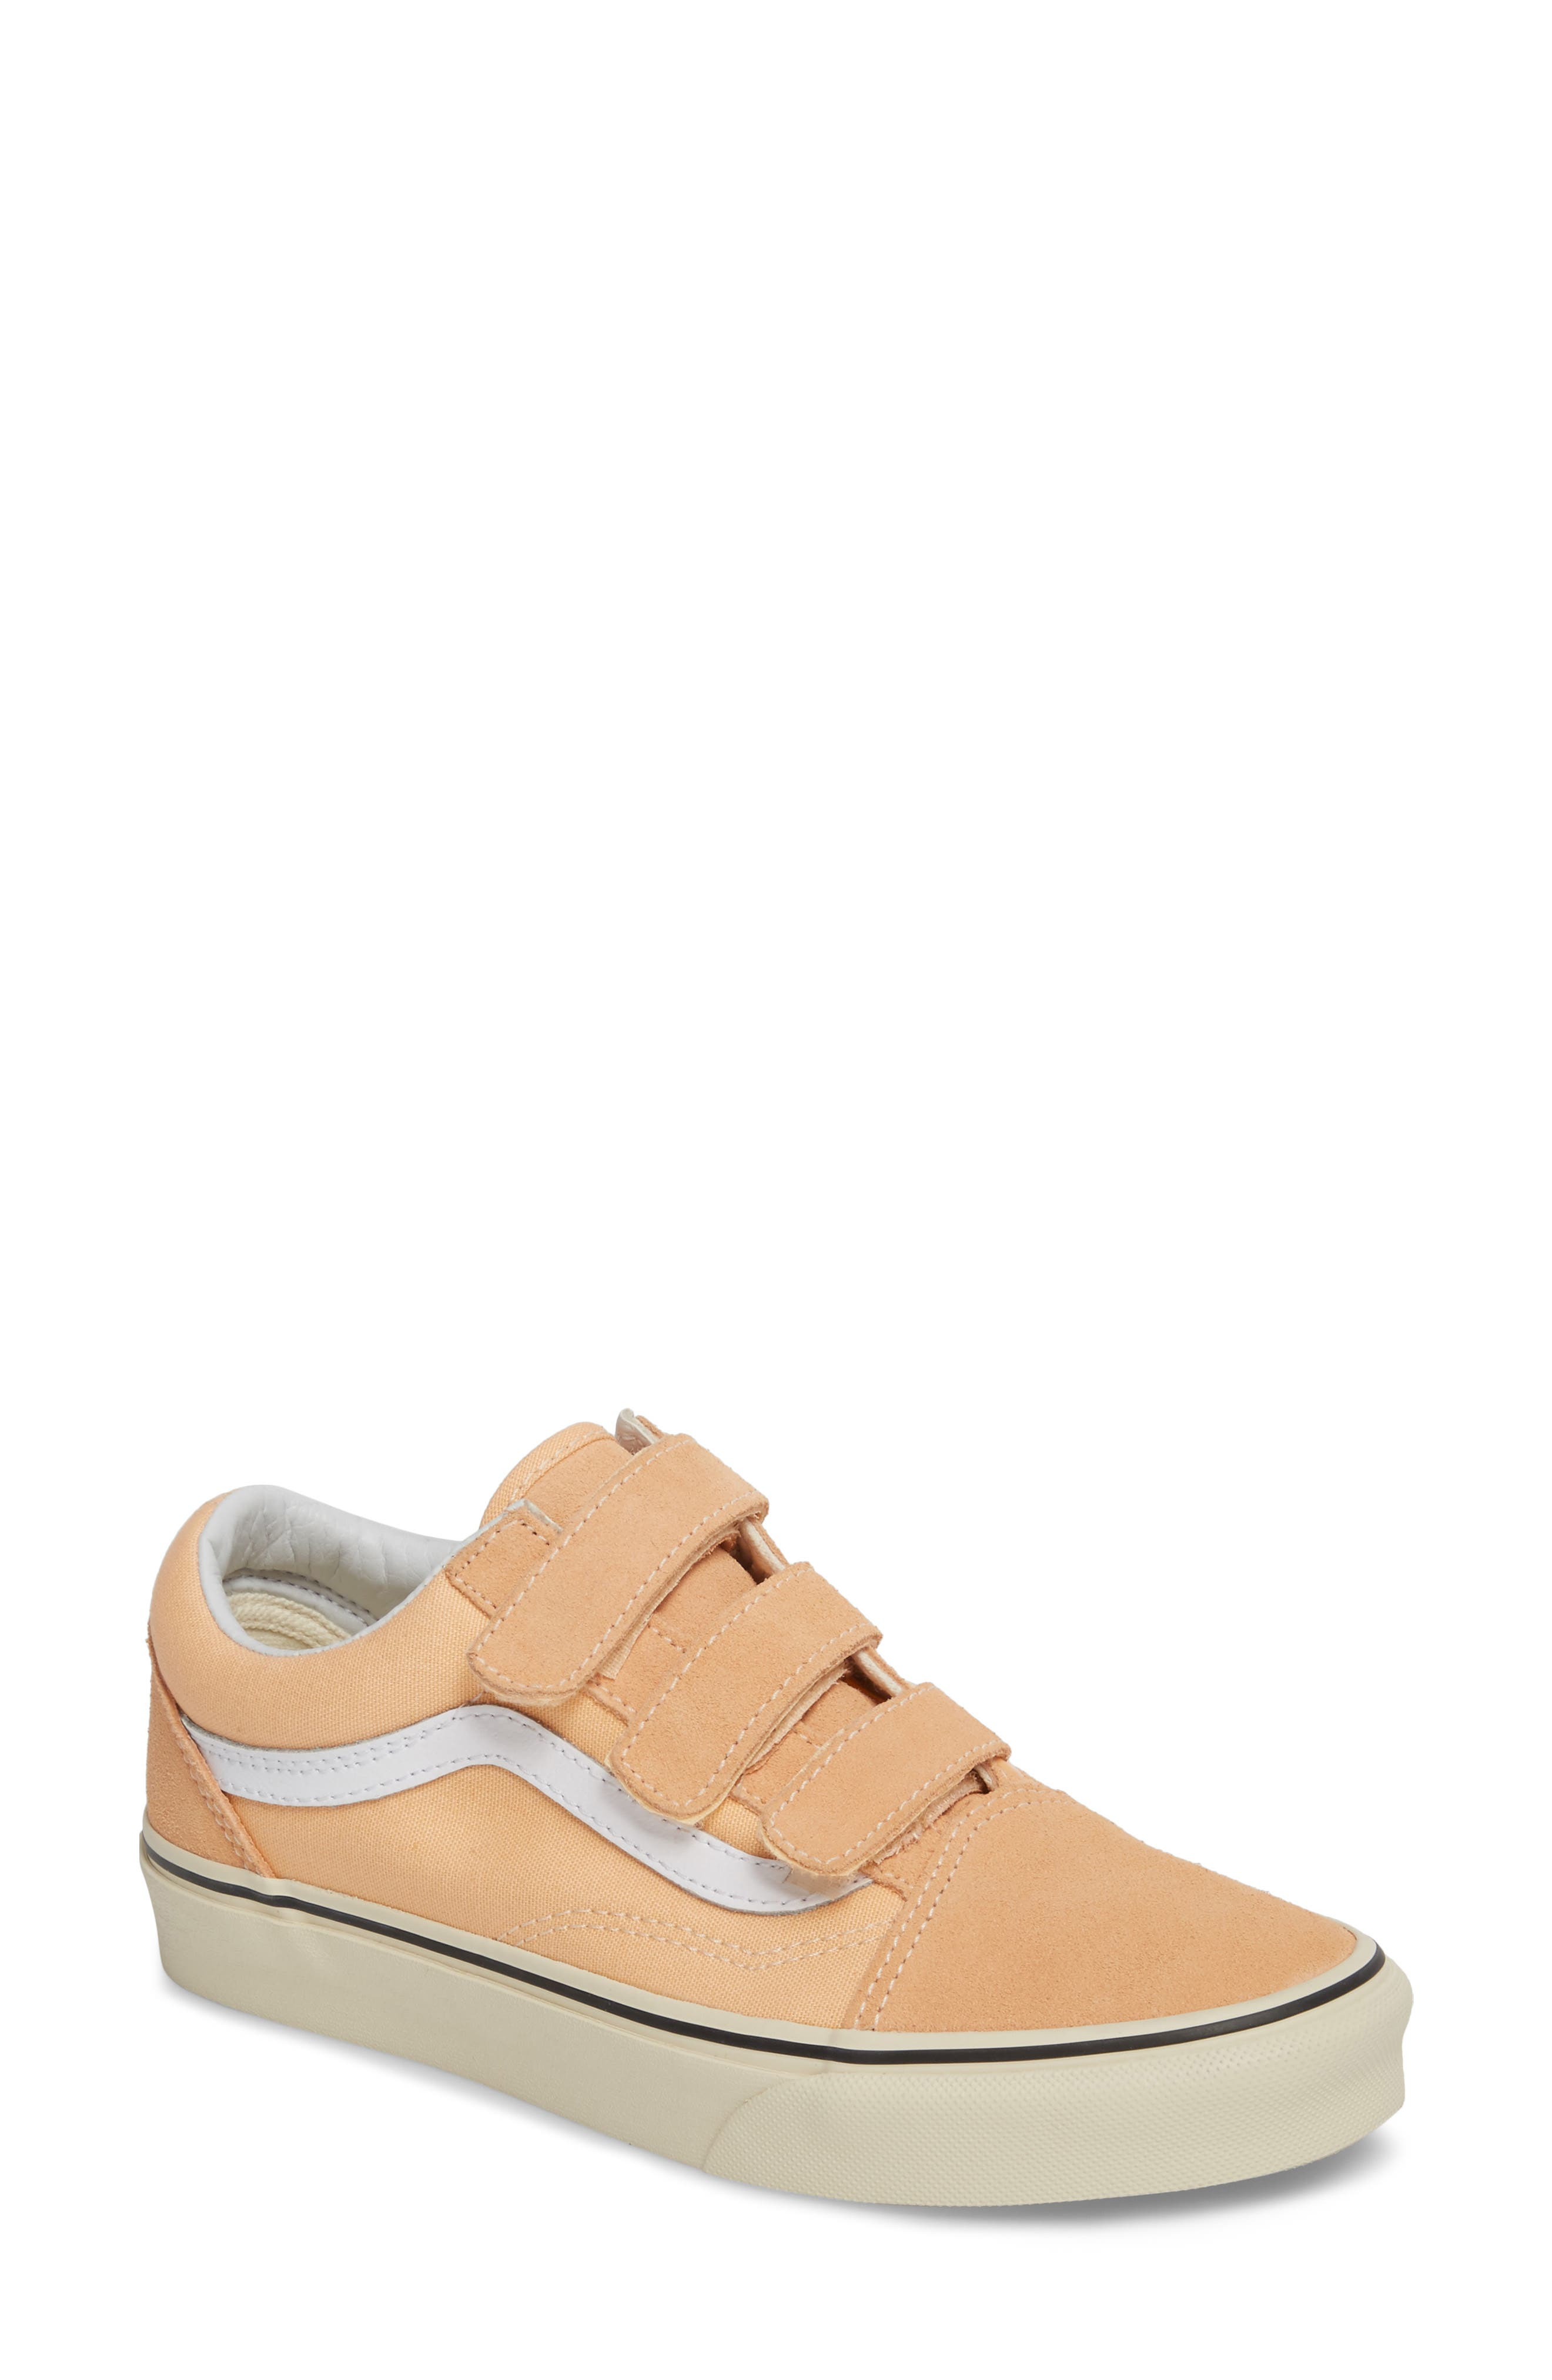 Alternate Image 1 Selected - Vans Old Skool V Pro Sneaker (Women)